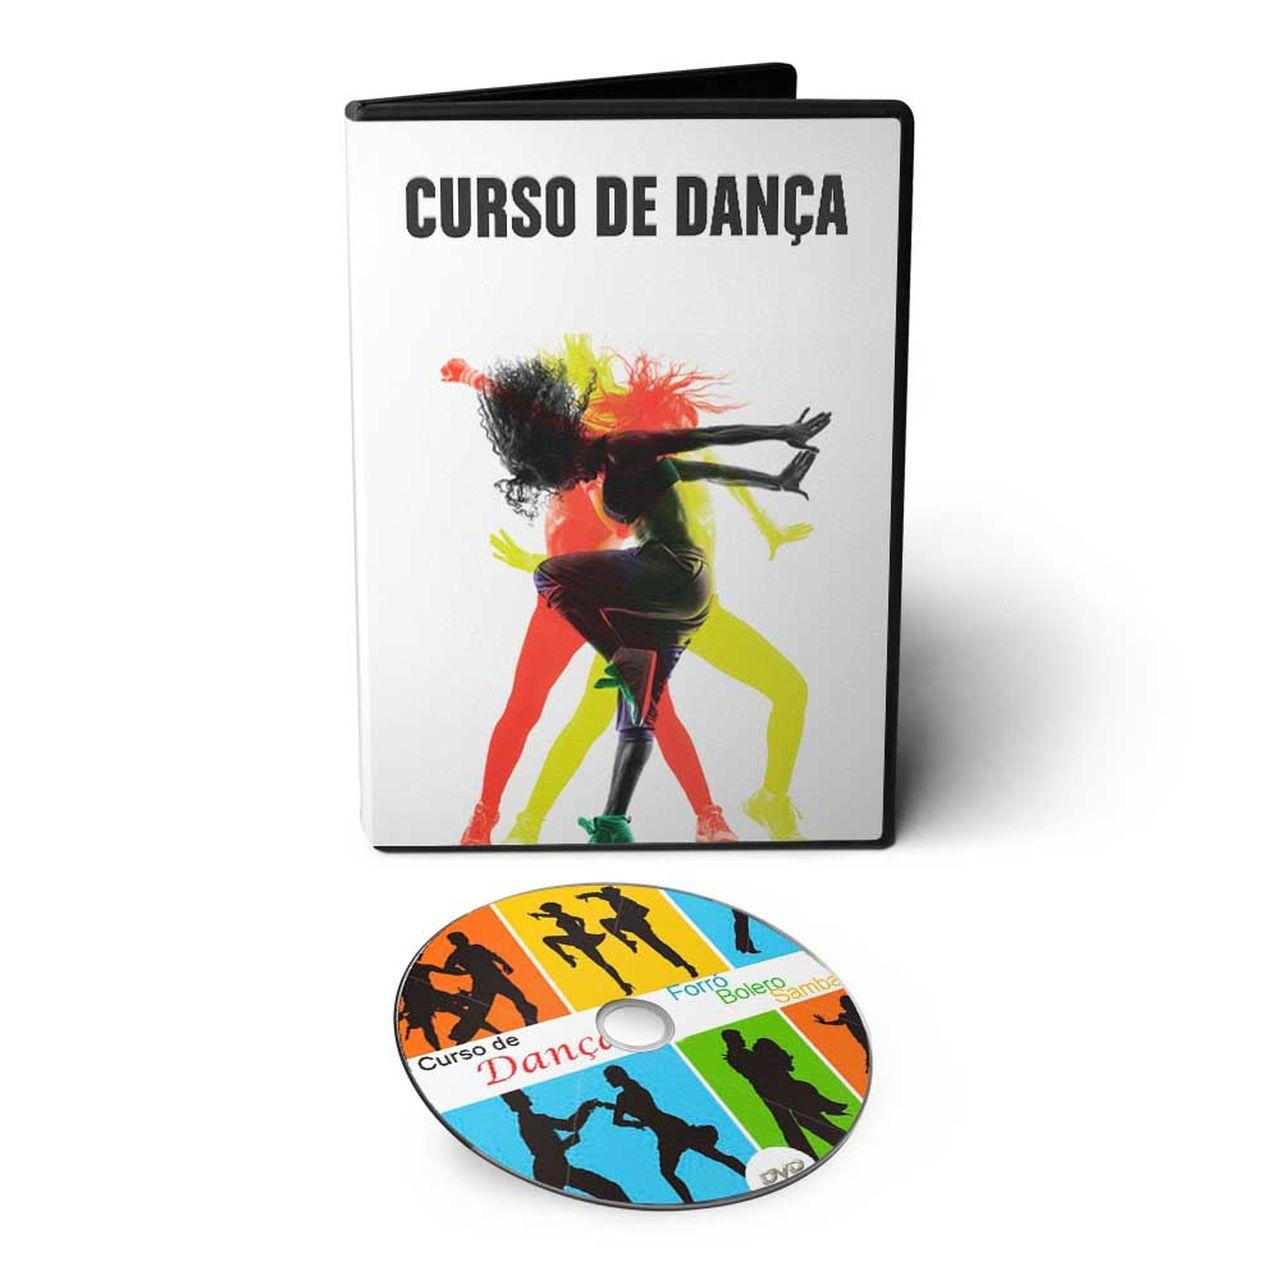 Curso Dança de Salão: Aprenda Dançar Forró, Samba no Pé, Bolero e Samba de Gafieira em DVD Videoaula  - Aprova Cursos